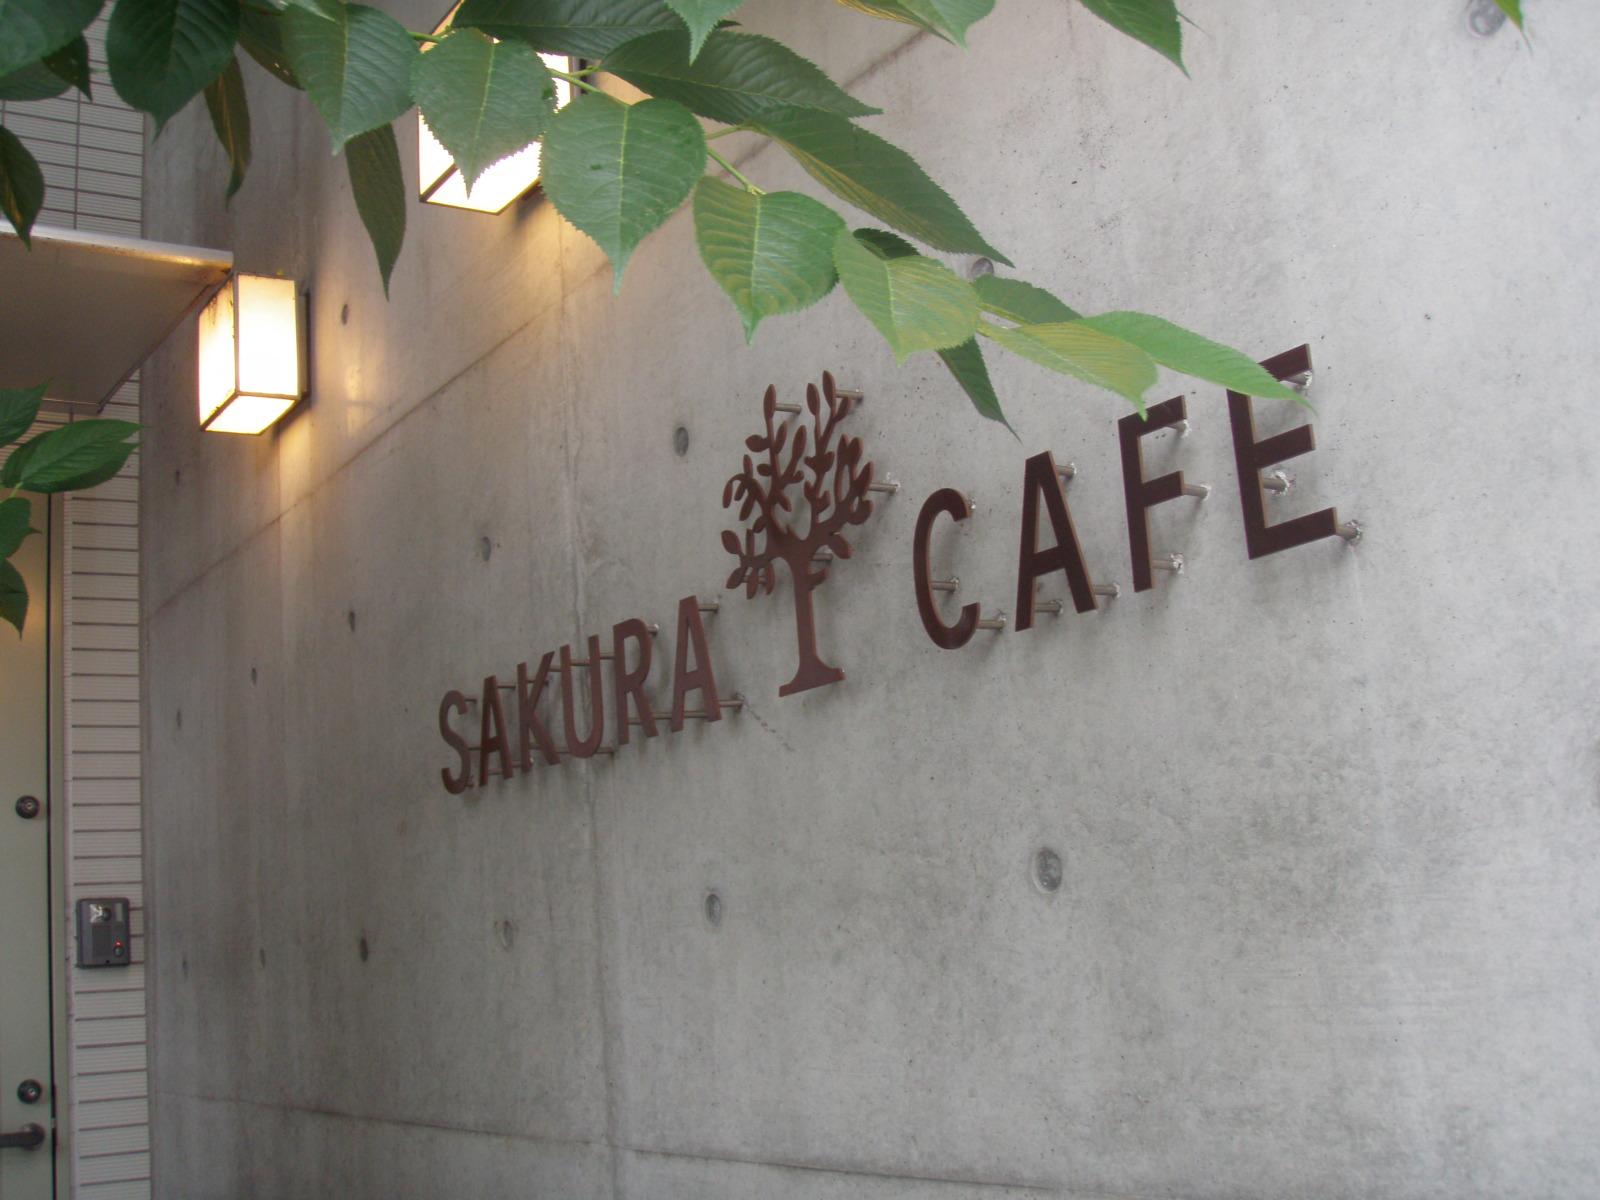 サクラ カフェ